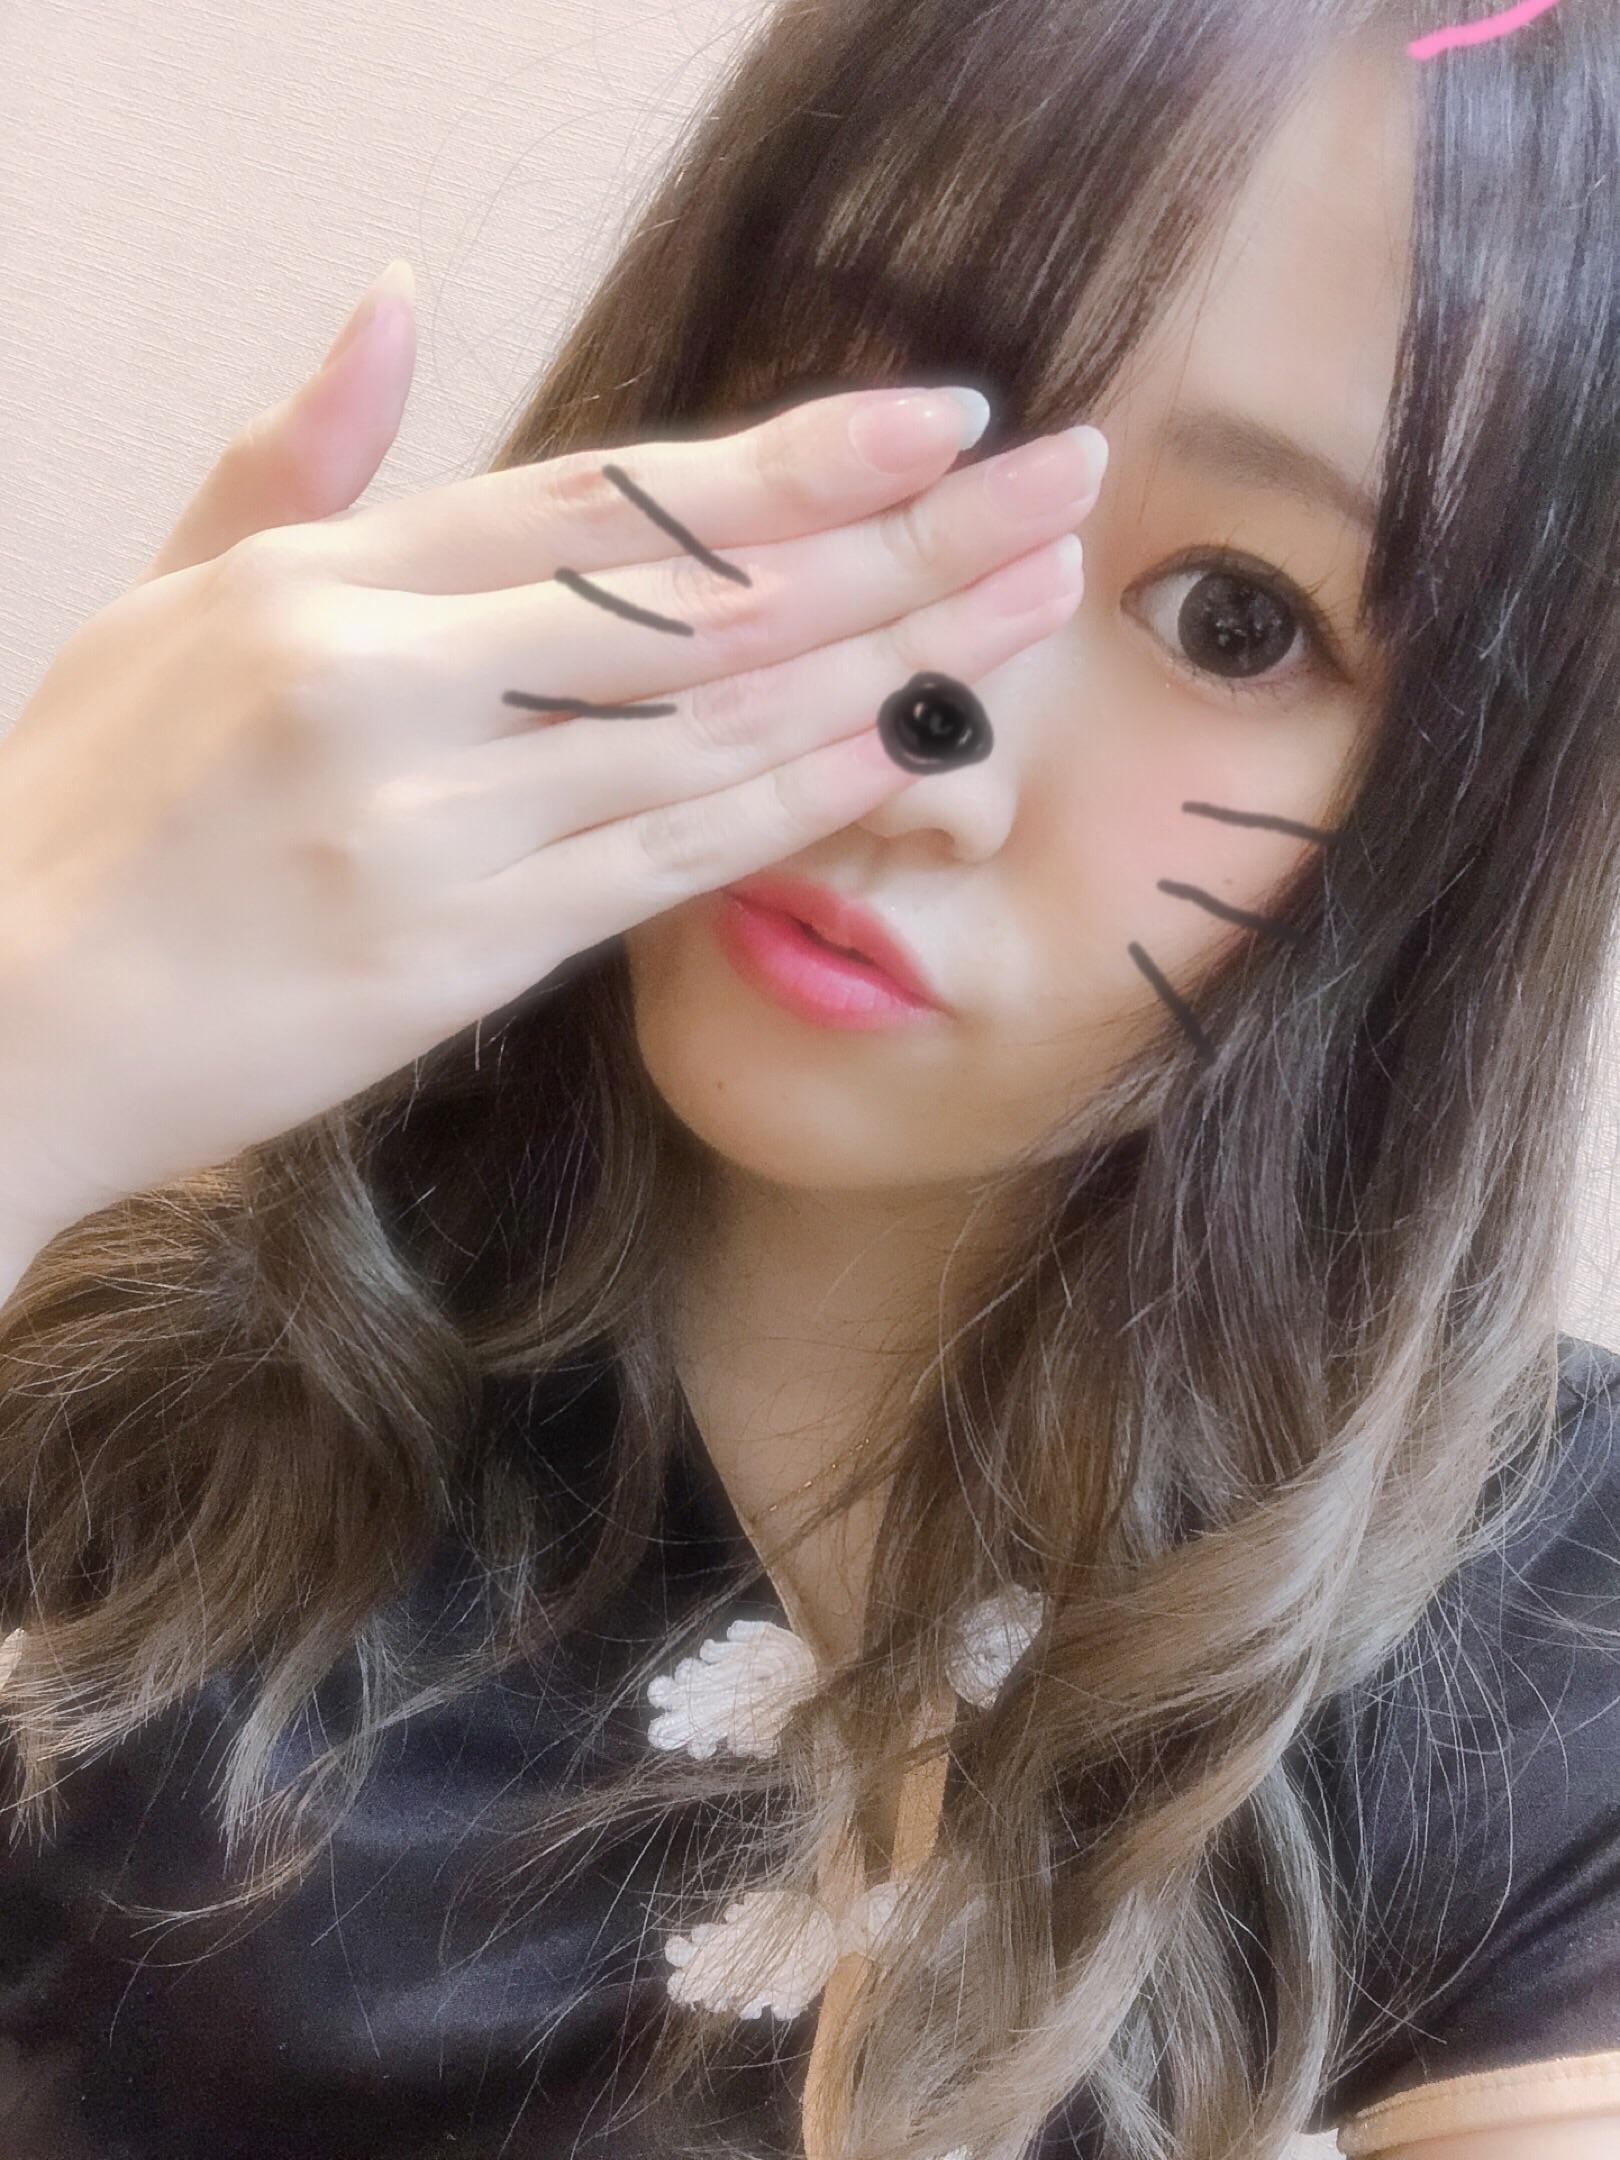 「超天国コース、バンちゃん♡」09/08(09/08) 15:05 | めみの写メ・風俗動画